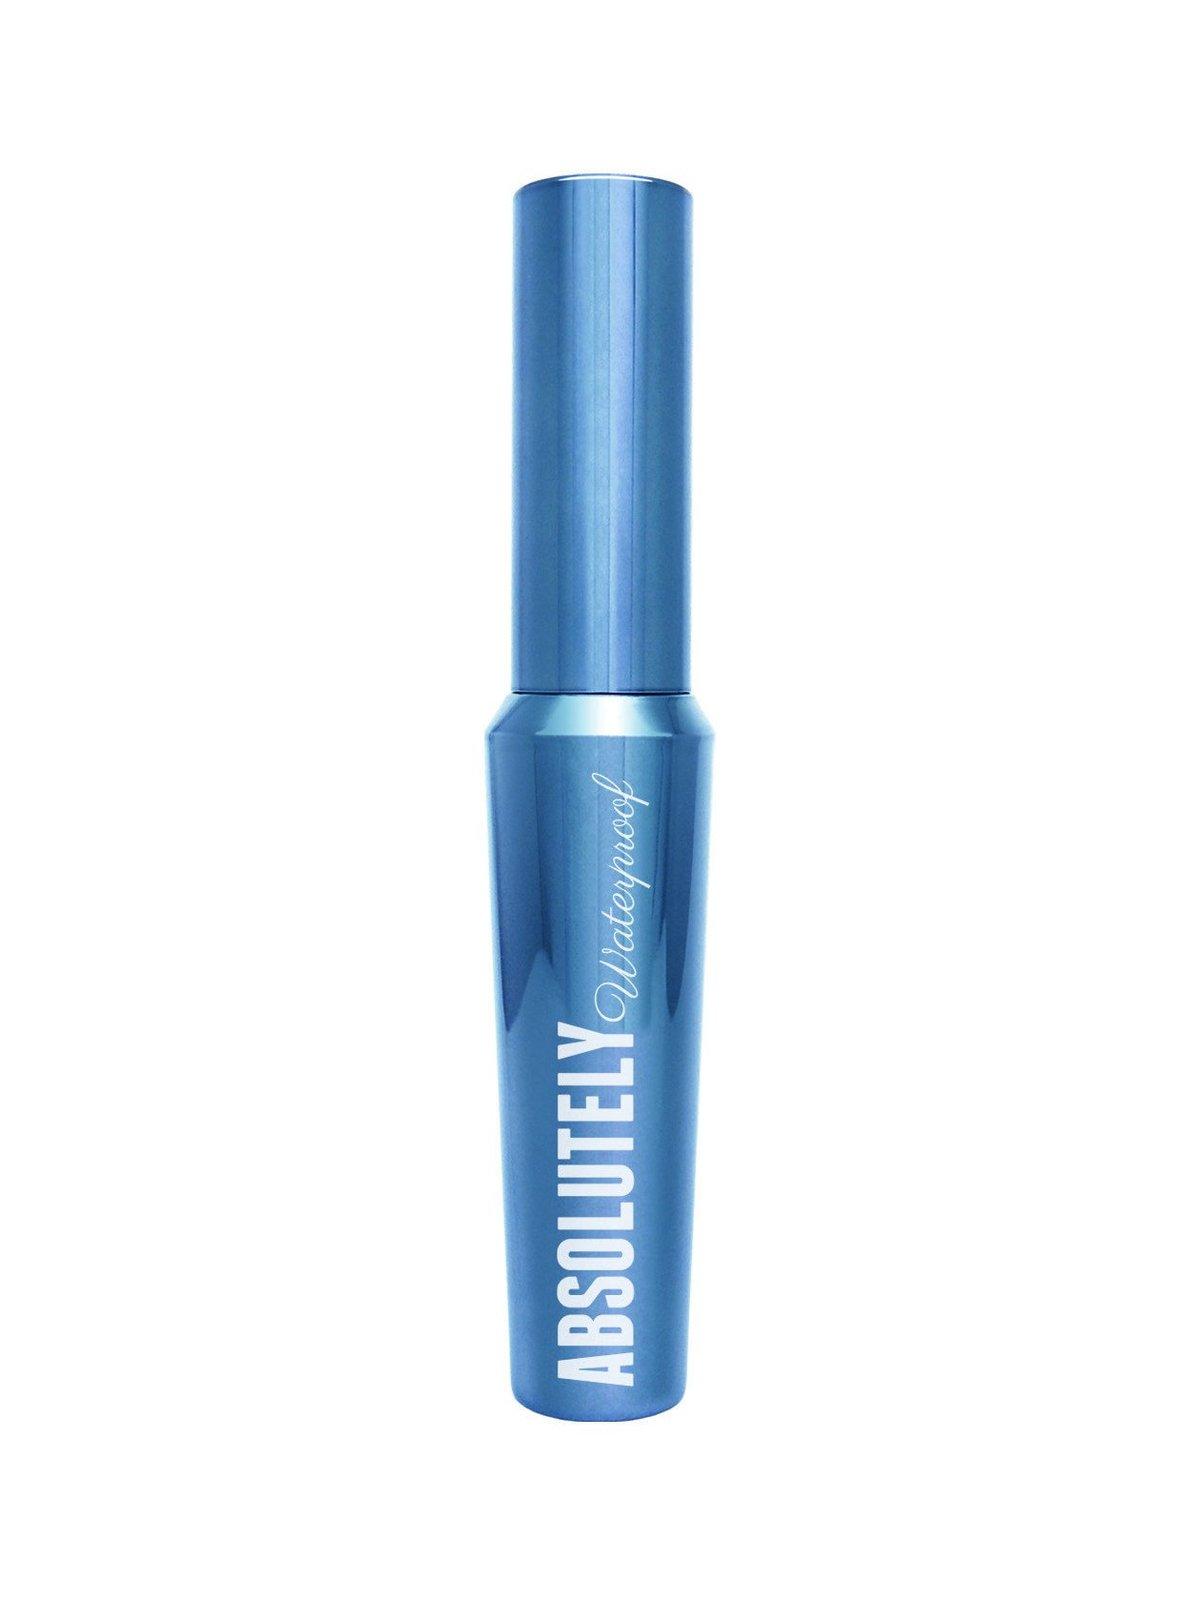 W7 Absolute Waterproof Mascara (Black) image